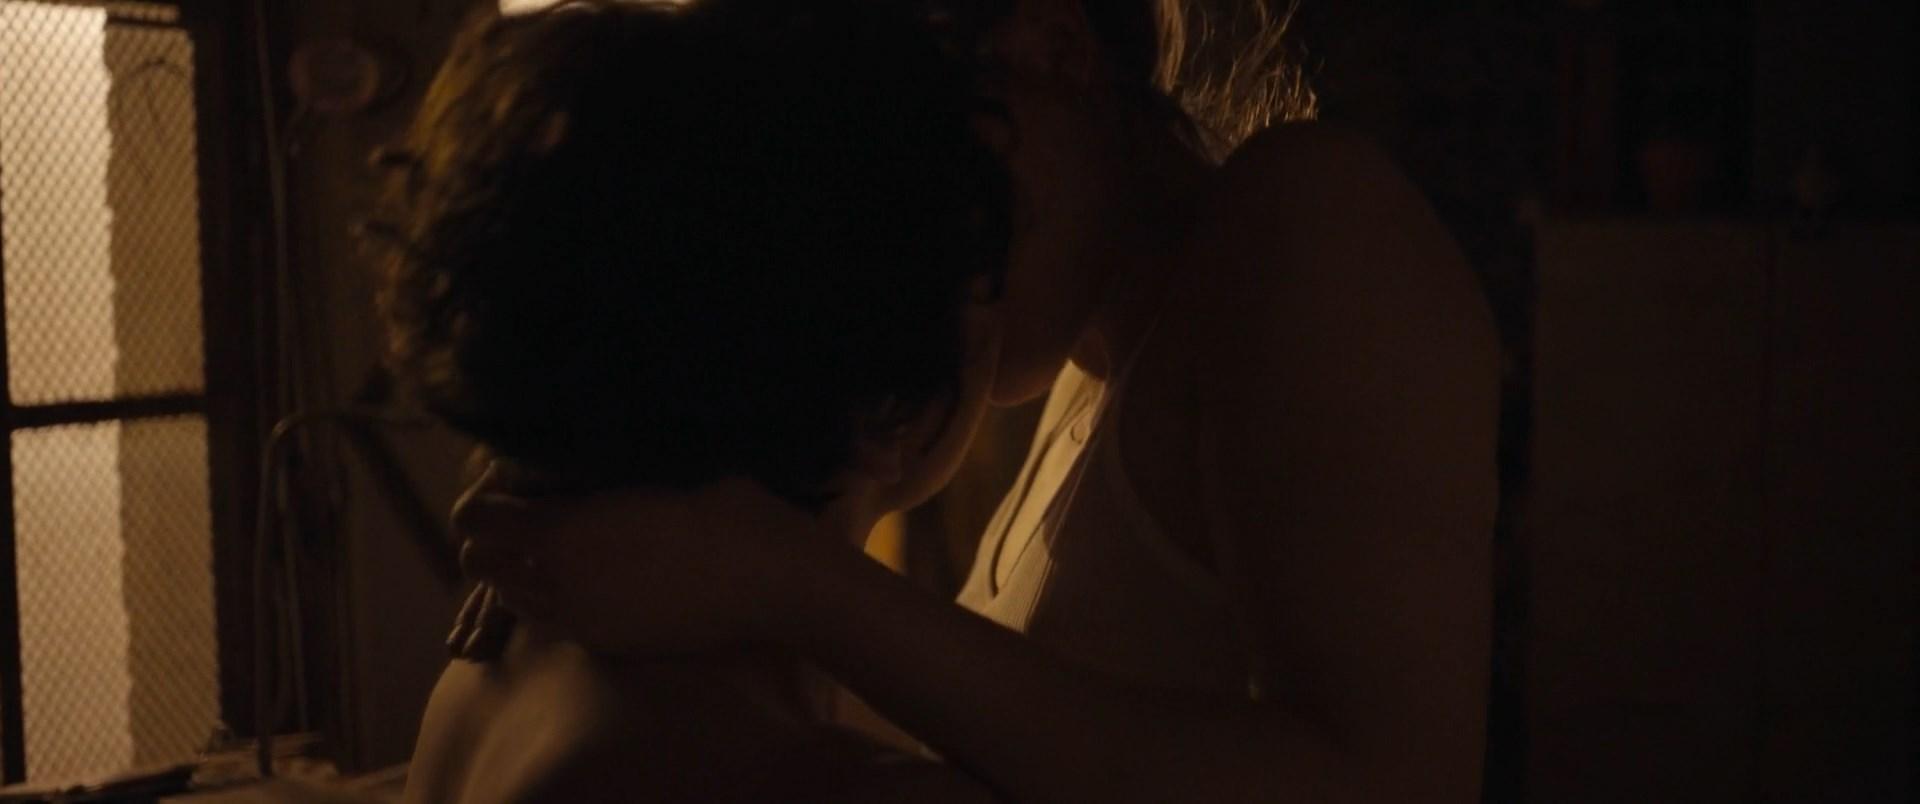 Mala emde nude